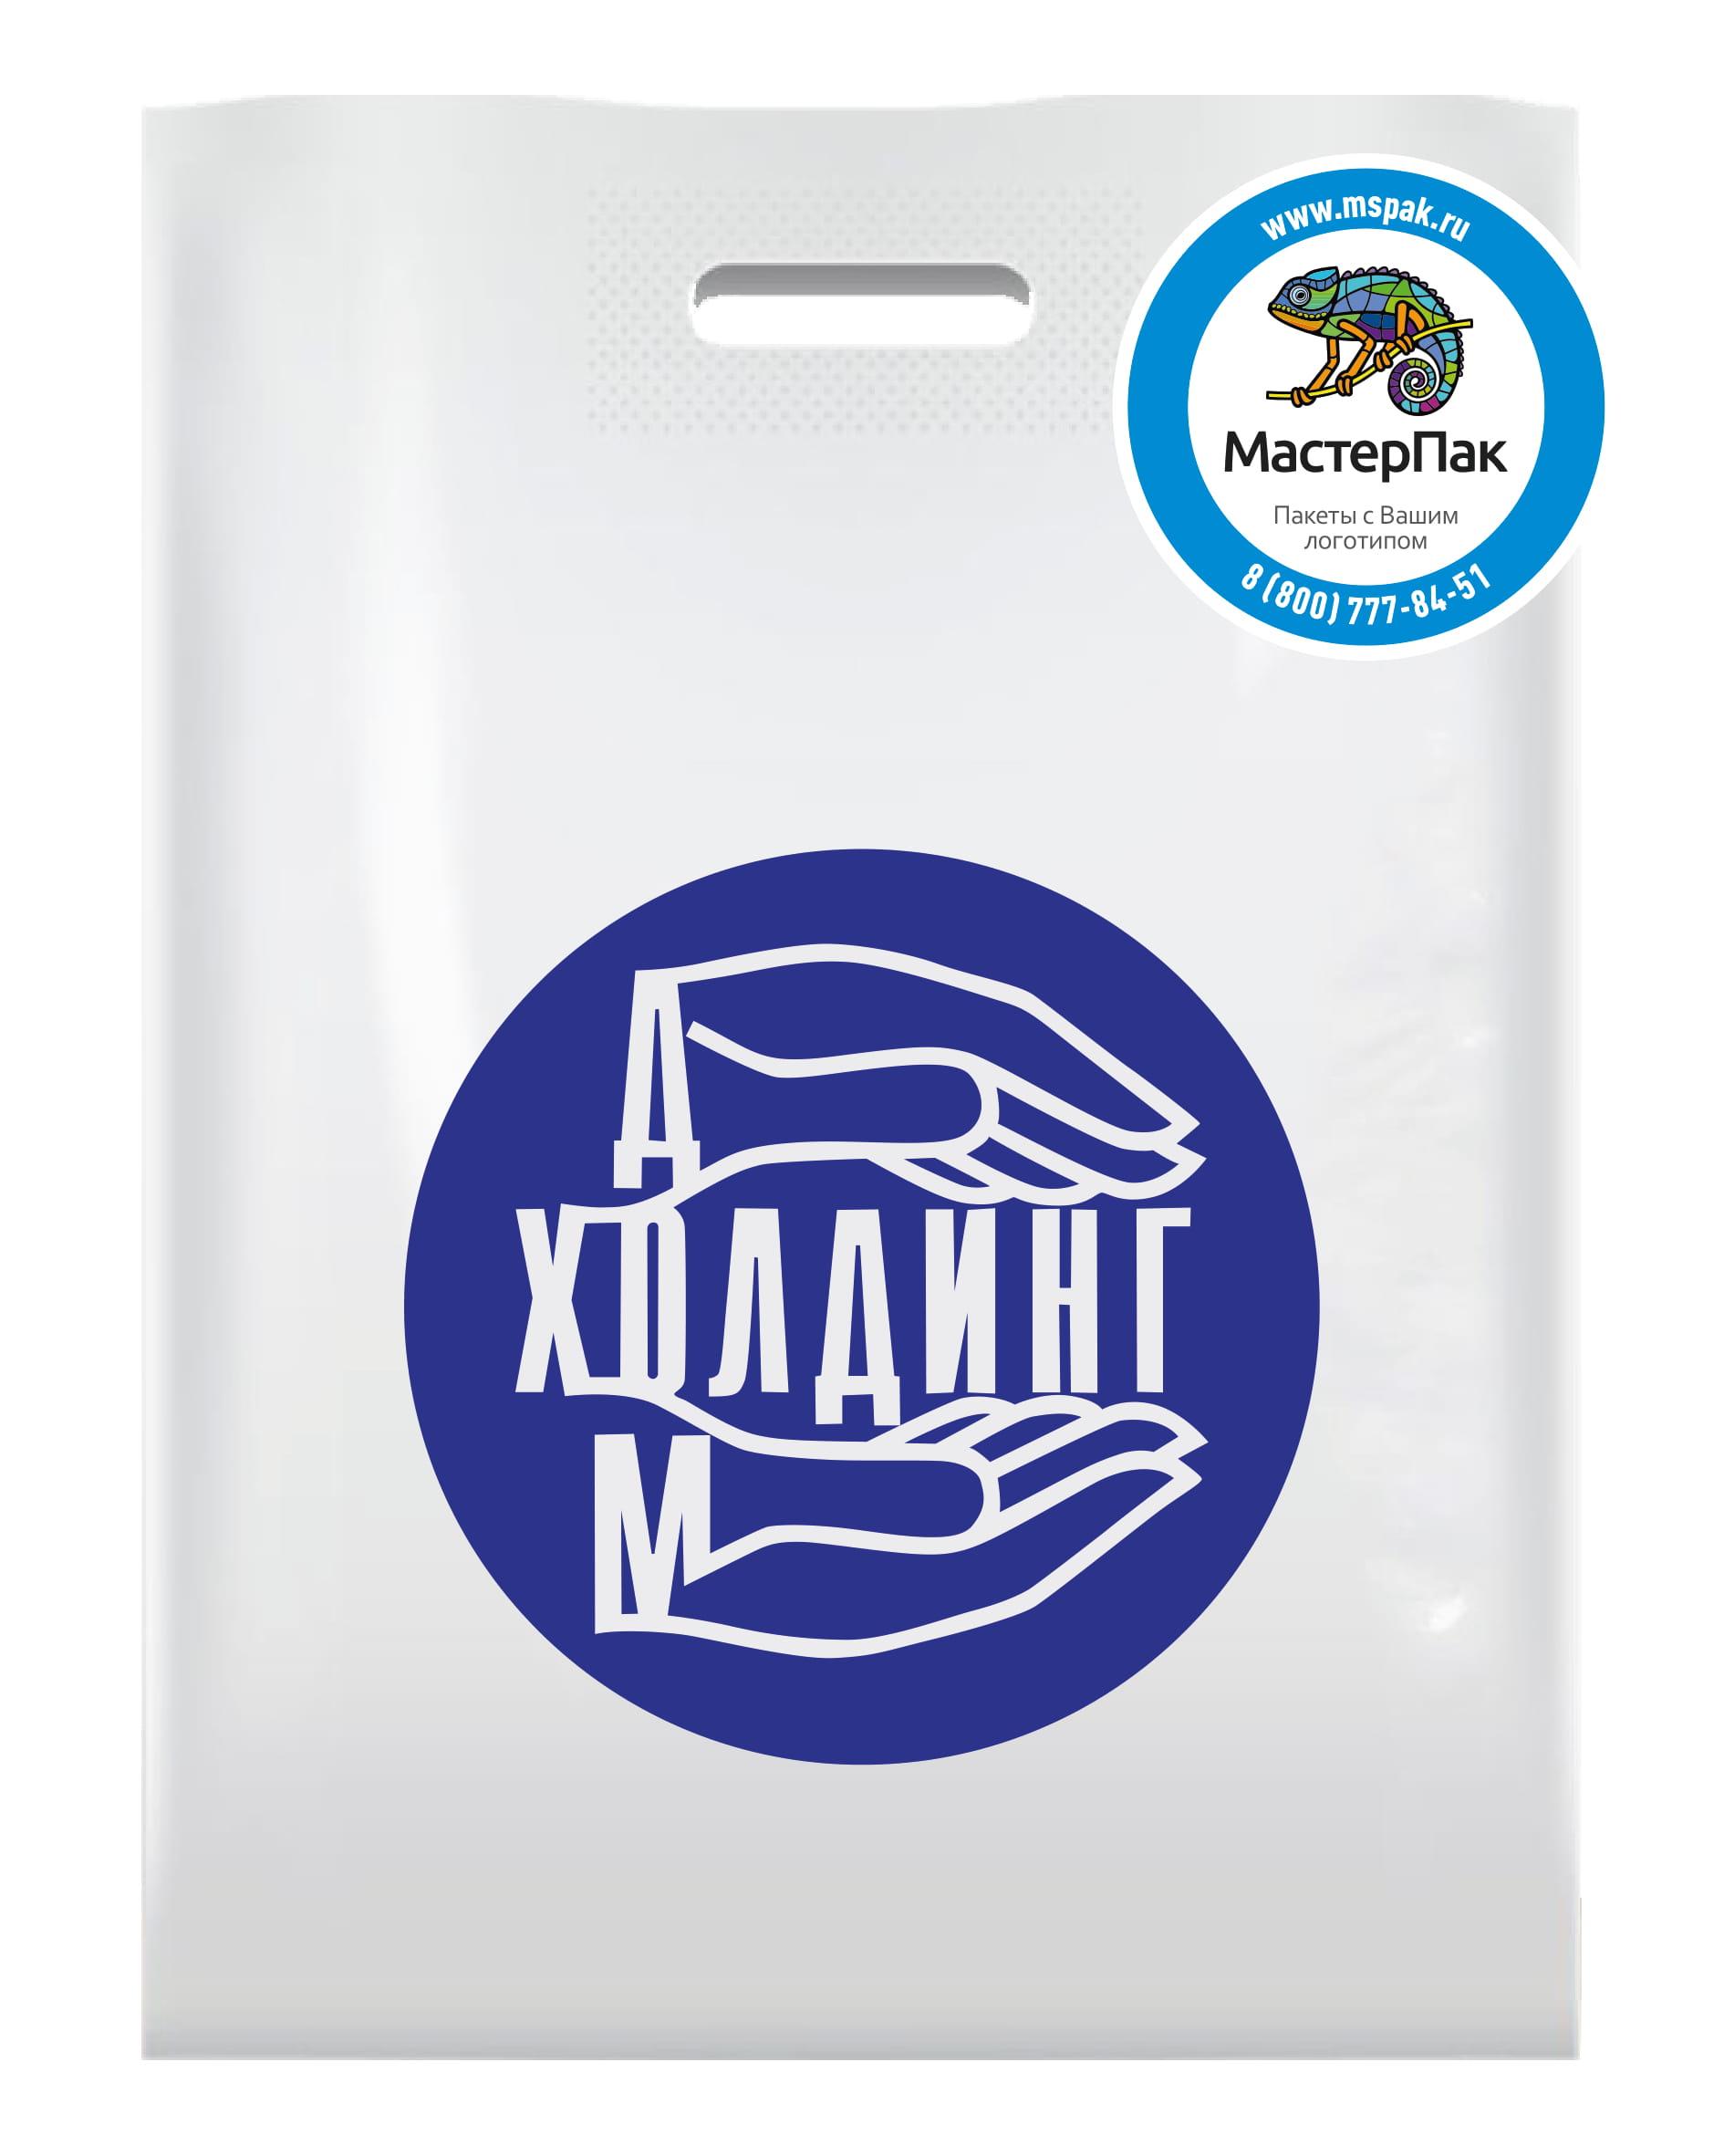 Пакет ПВД с логотипом ДМ Холдинг, вырубная ручка, Москва